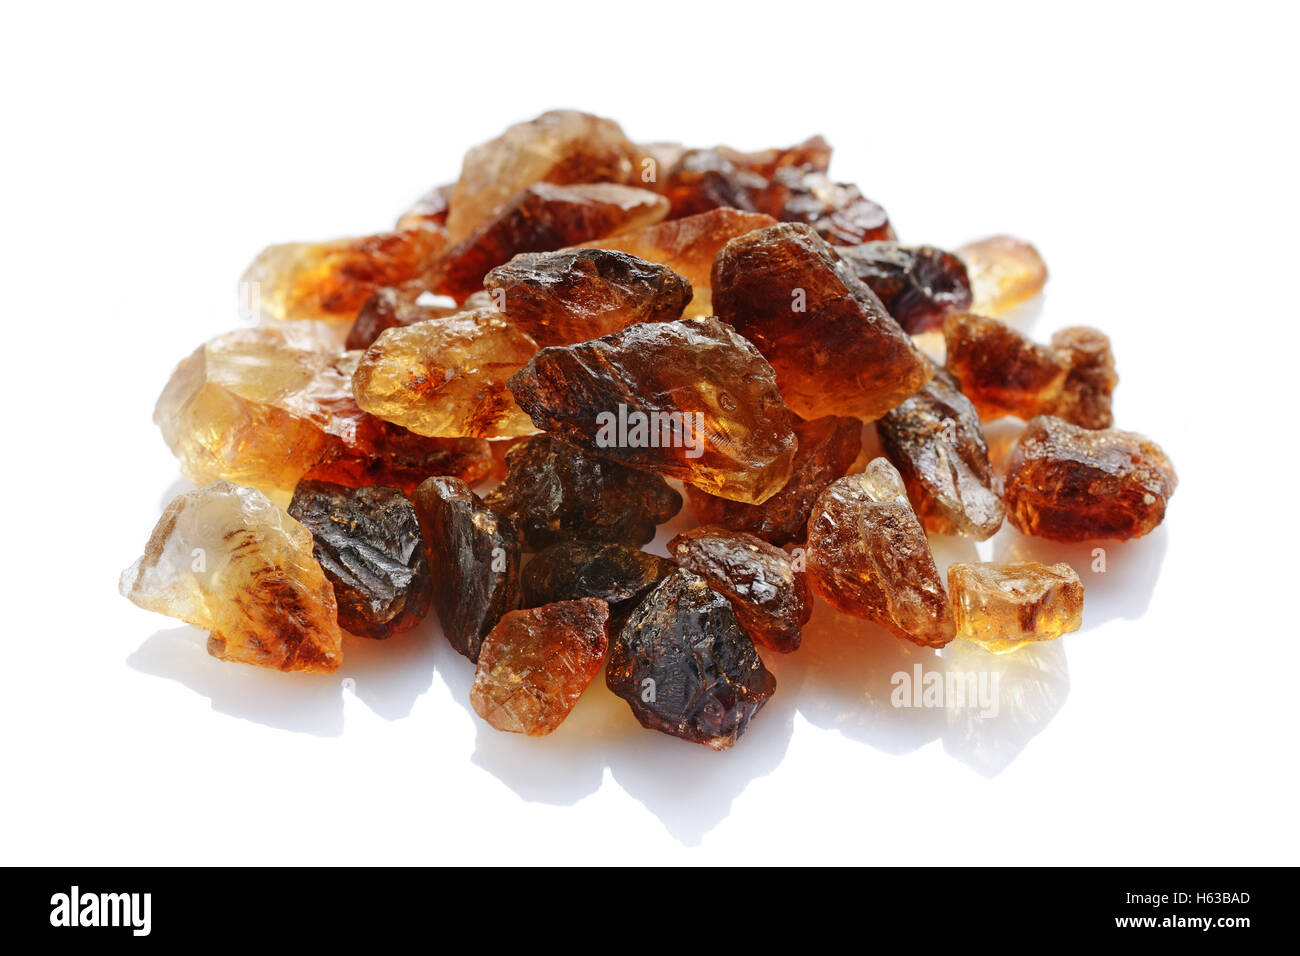 Caramelized sugar closeup isolated on white background - Stock Image